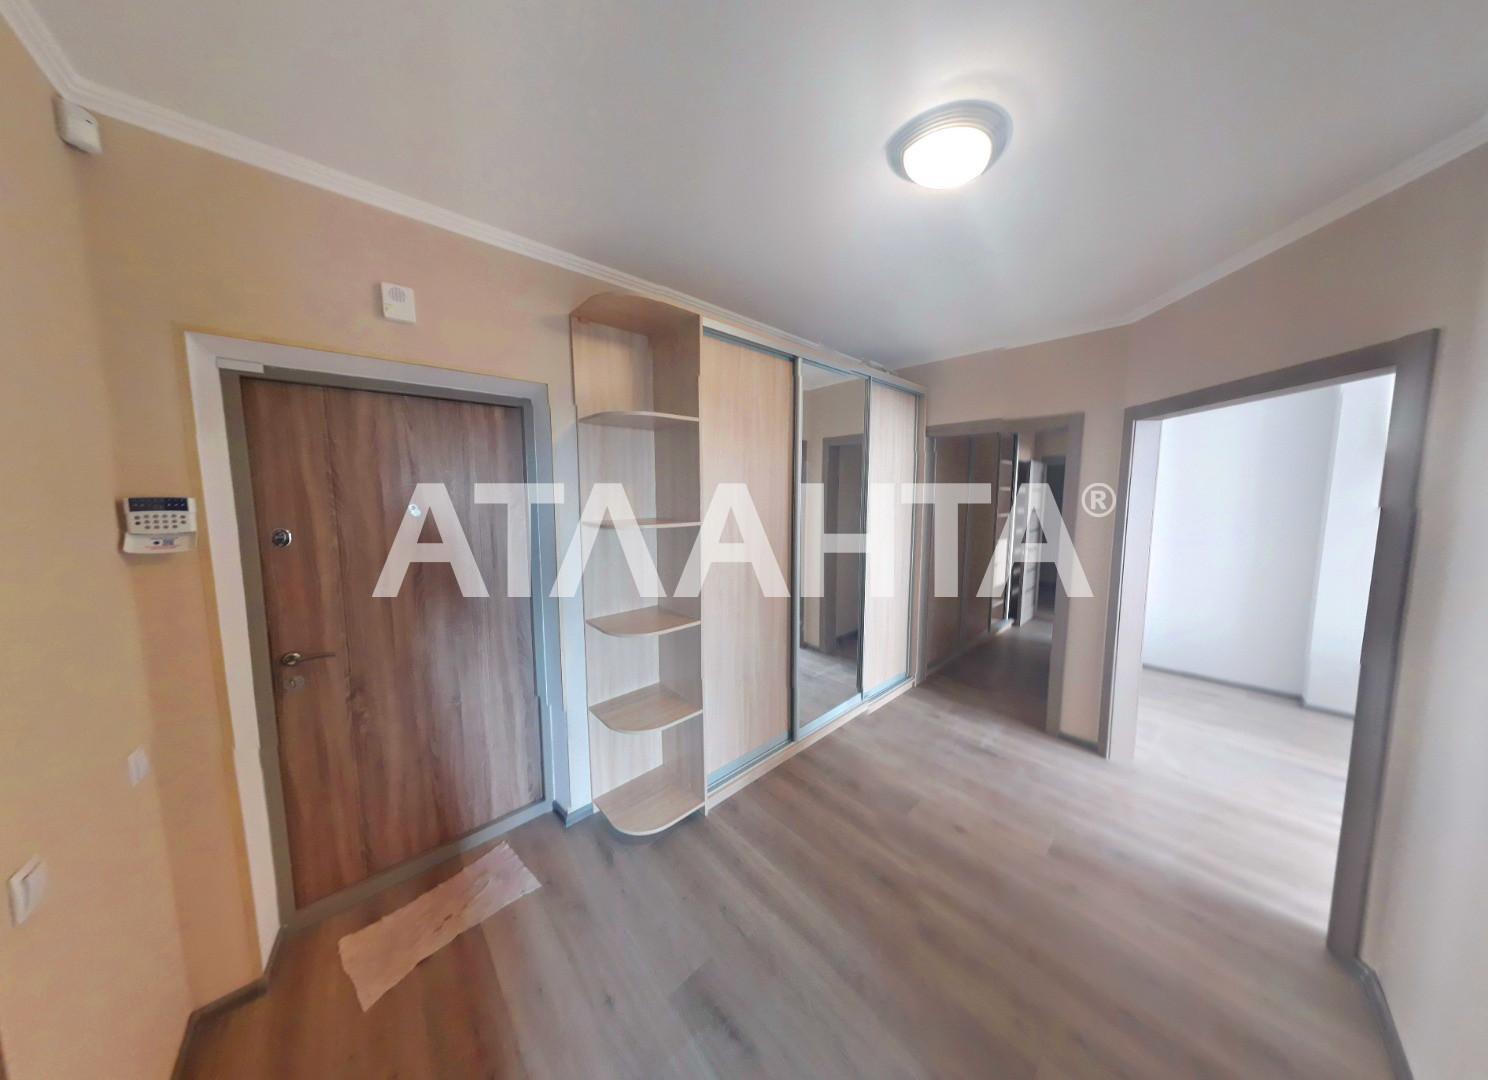 Продается 2-комнатная Квартира на ул. Ул. Вильямса — 130 000 у.е. (фото №13)